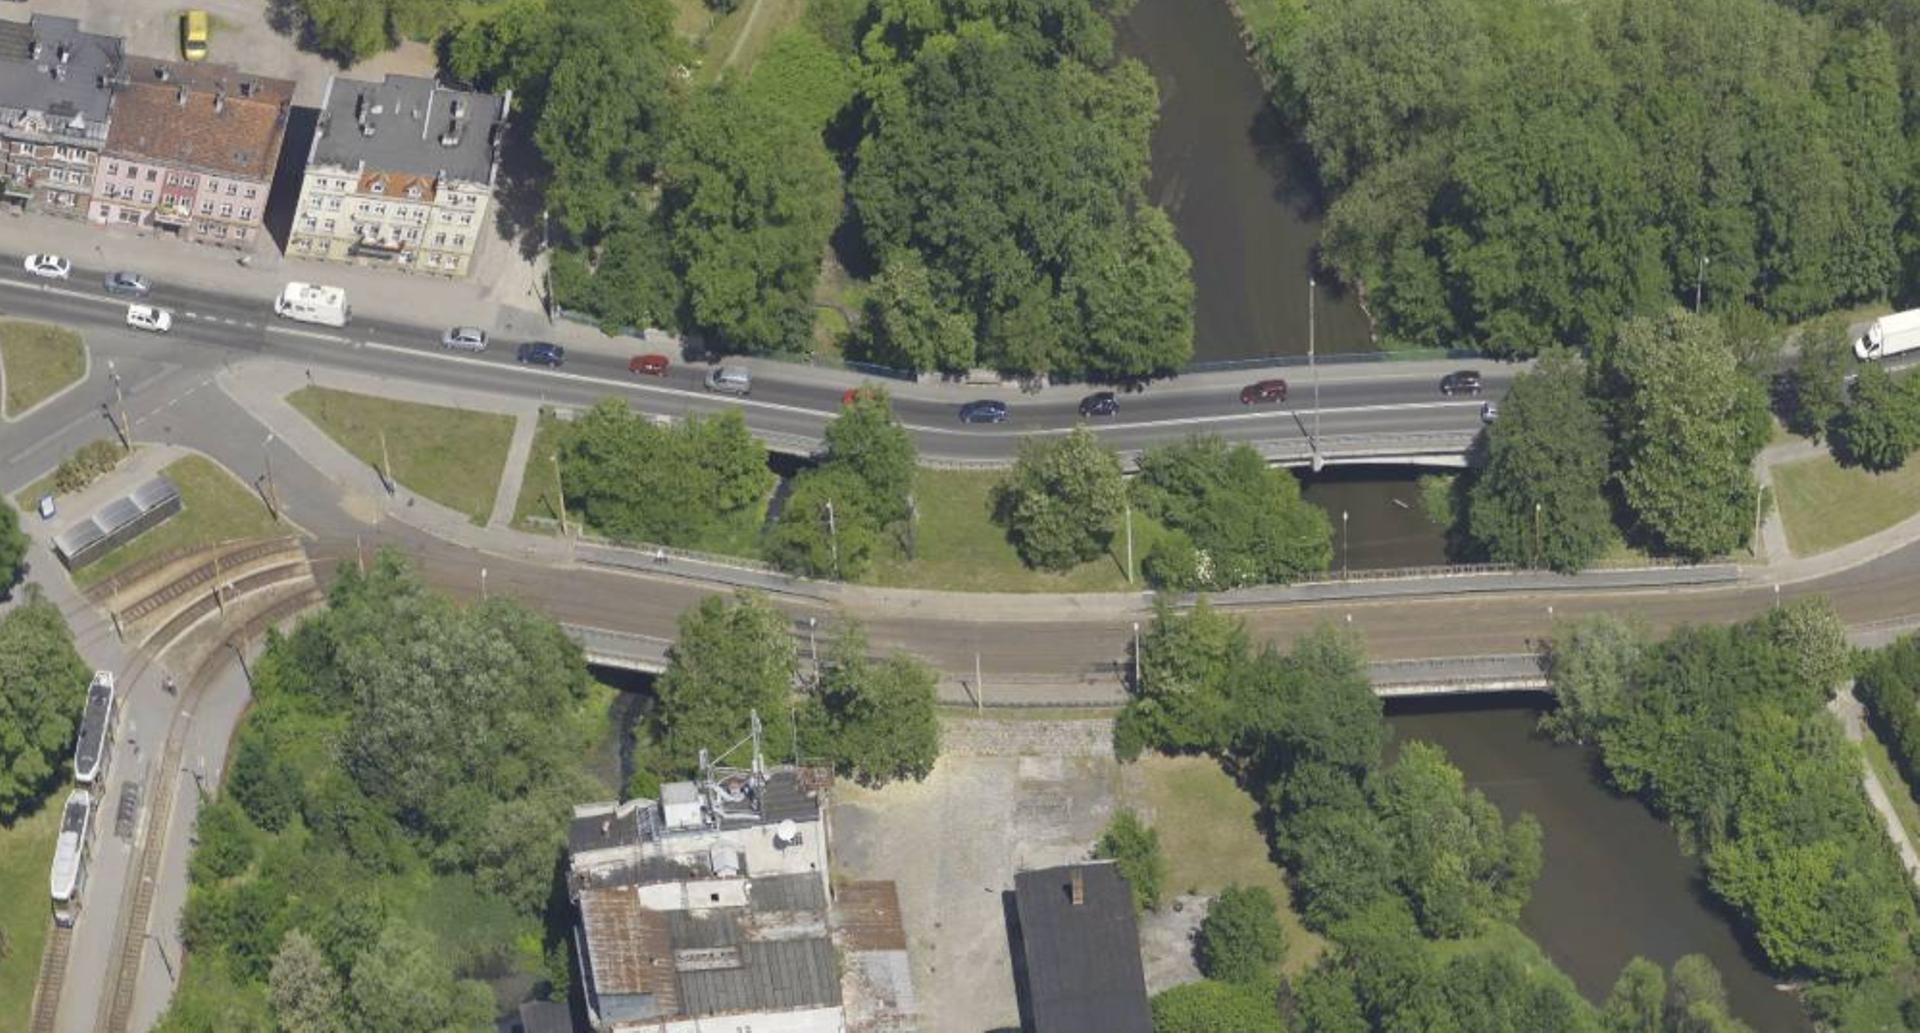 Wrocław: Mosty Średzkie jeszcze poczekają na remont. Zabrakło milionów